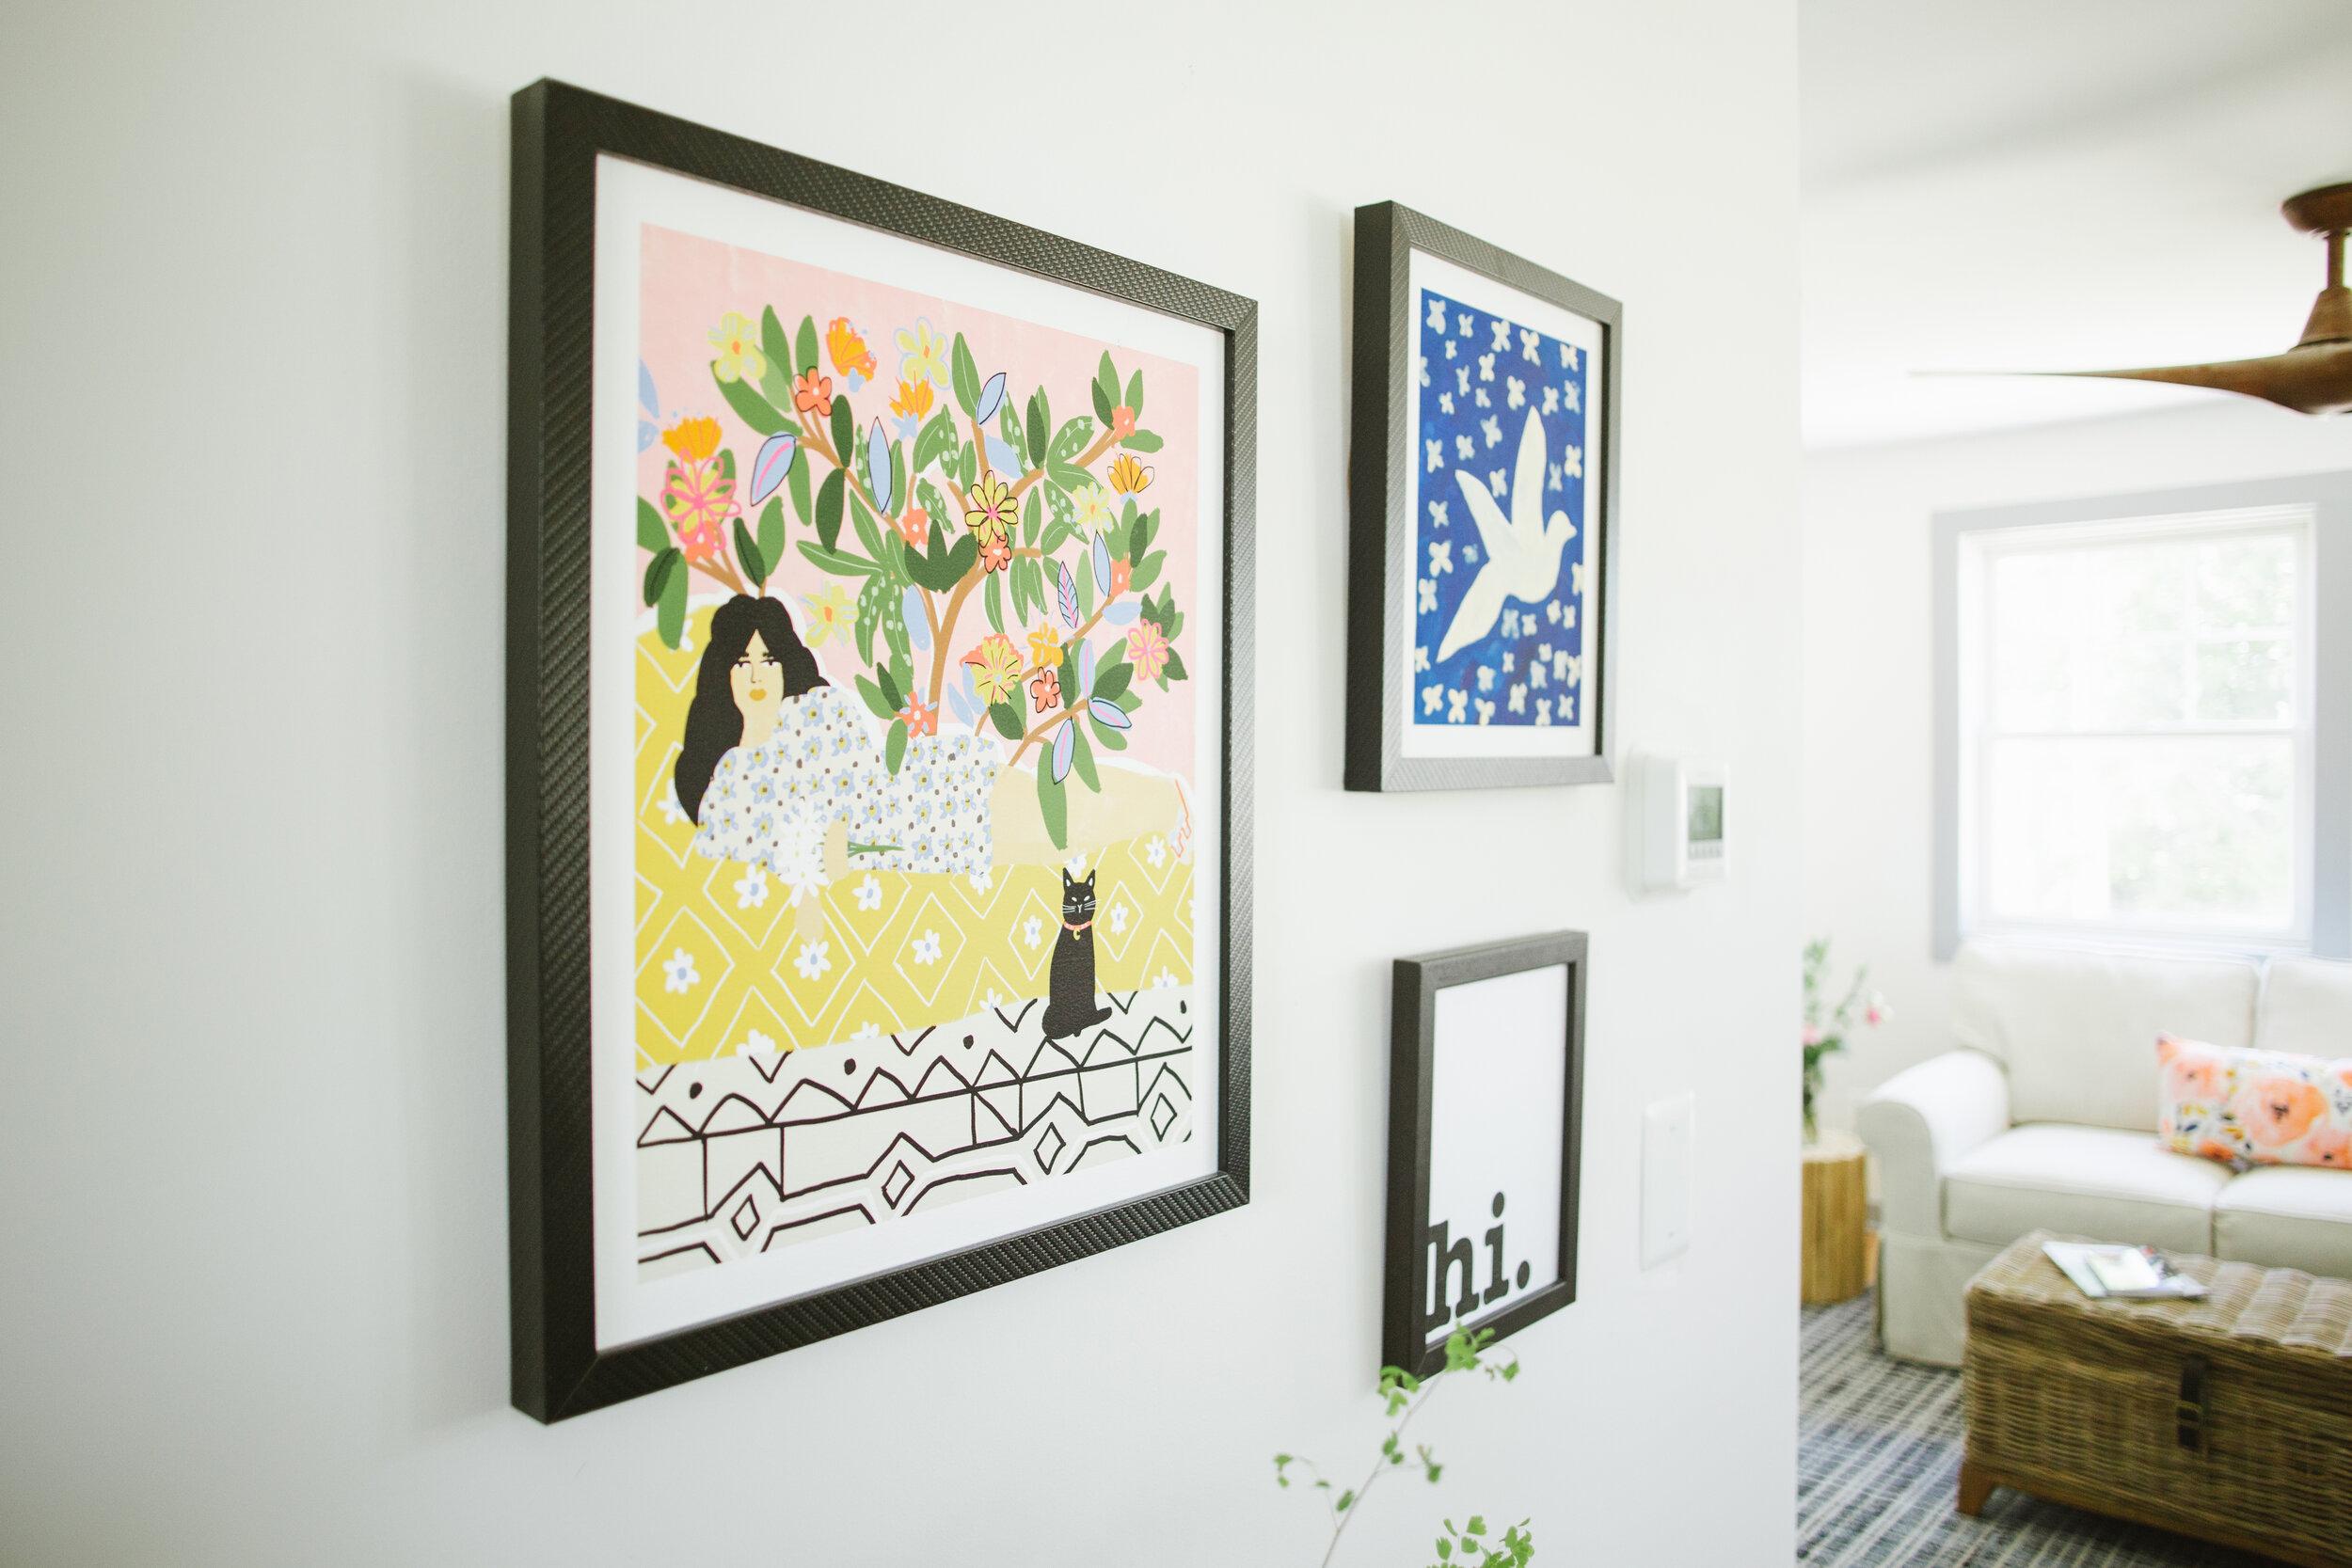 Wall prints by Artfully Walls- I framed them myself.